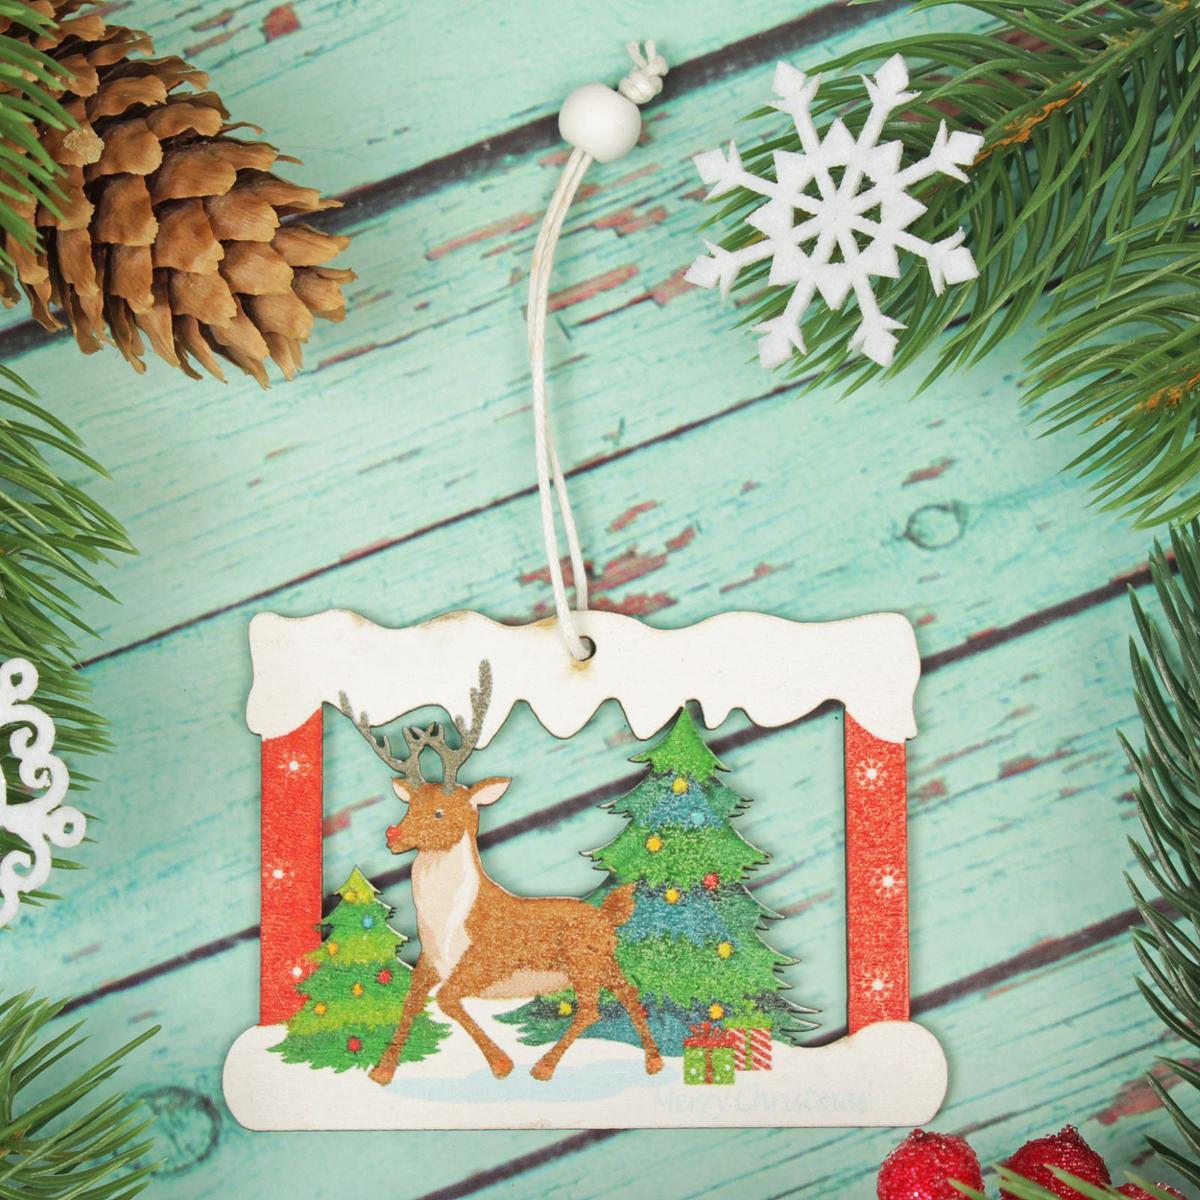 Украшение новогоднее подвесное Олень в окошечке2303451Новогоднее украшение, выполненное из дерева, отлично подойдет для декорации вашего дома и новогодней ели. С помощью специальной петельки украшение можно повесить в любом понравившемся вам месте. Но, конечно, удачнее всего оно будет смотреться на праздничной елке.Елочная игрушка - символ Нового года. Она несет в себе волшебство и красоту праздника. Такое украшение создаст в вашем доме атмосферу праздника, веселья и радости.